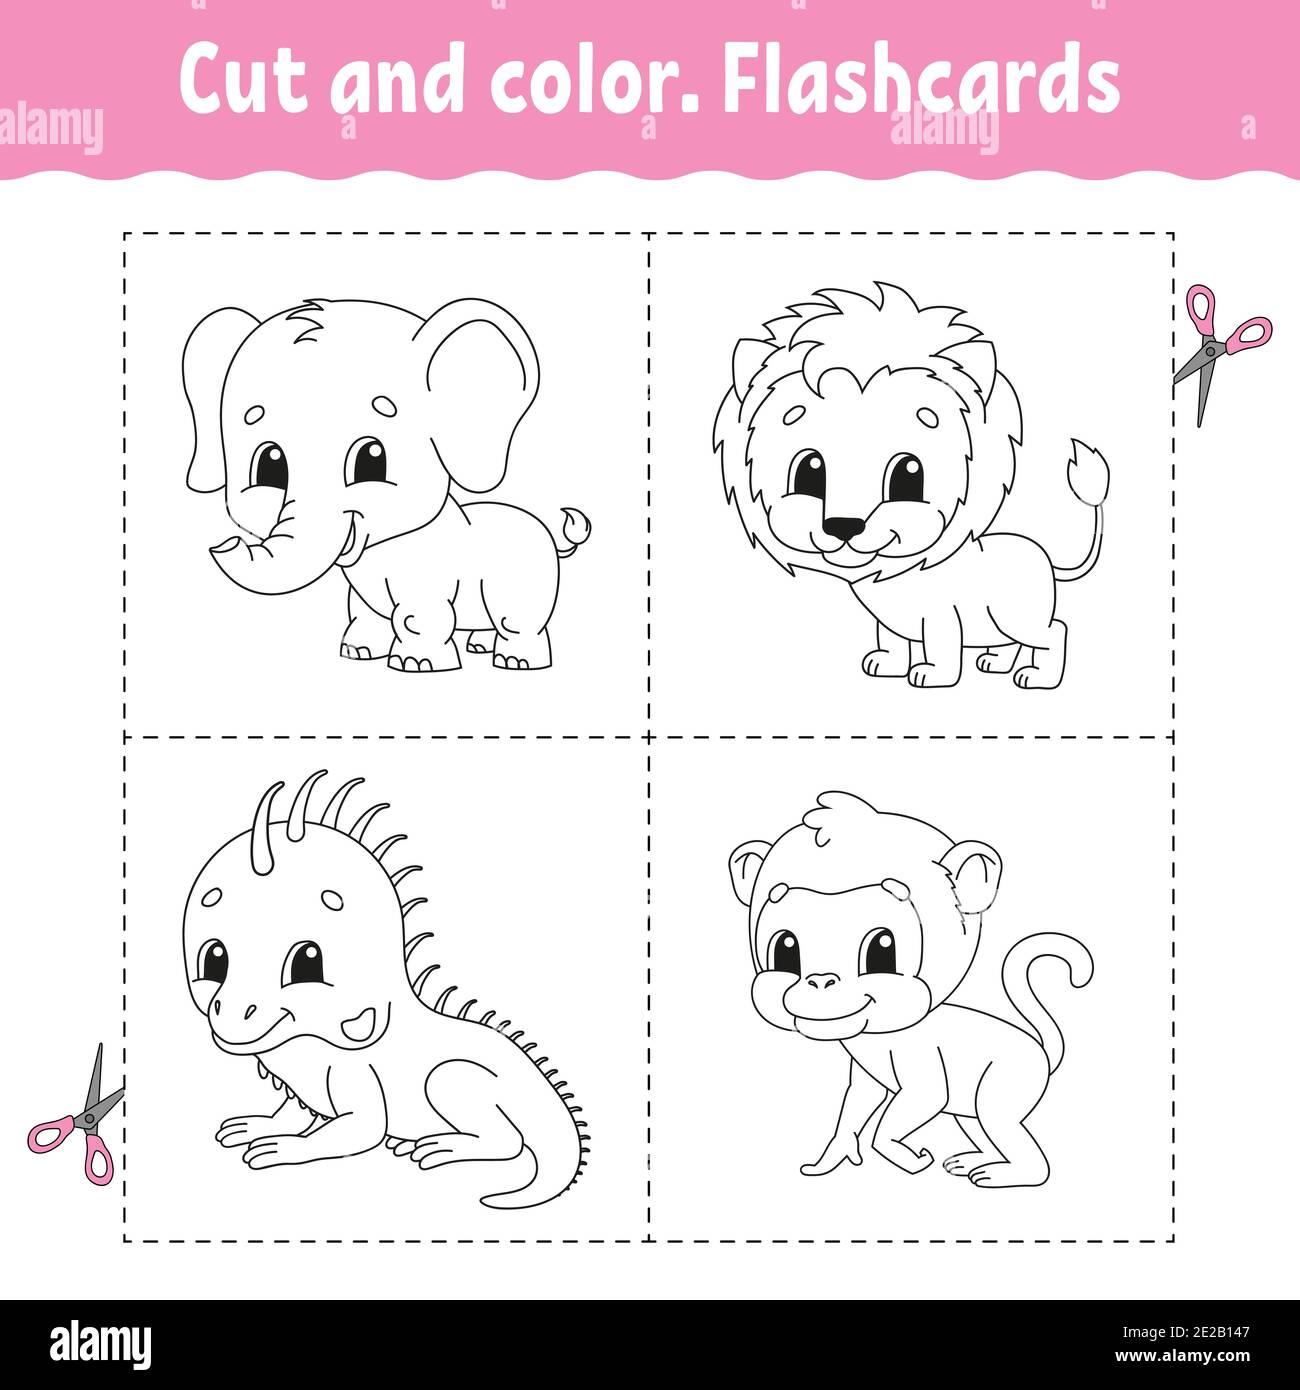 Taglio E Colore Set Di Flashcard Leone Scimmia Iguana Elefante Libro Da Colorare Per Bambini Personaggio Cartoon Animale Carino Immagine E Vettoriale Alamy